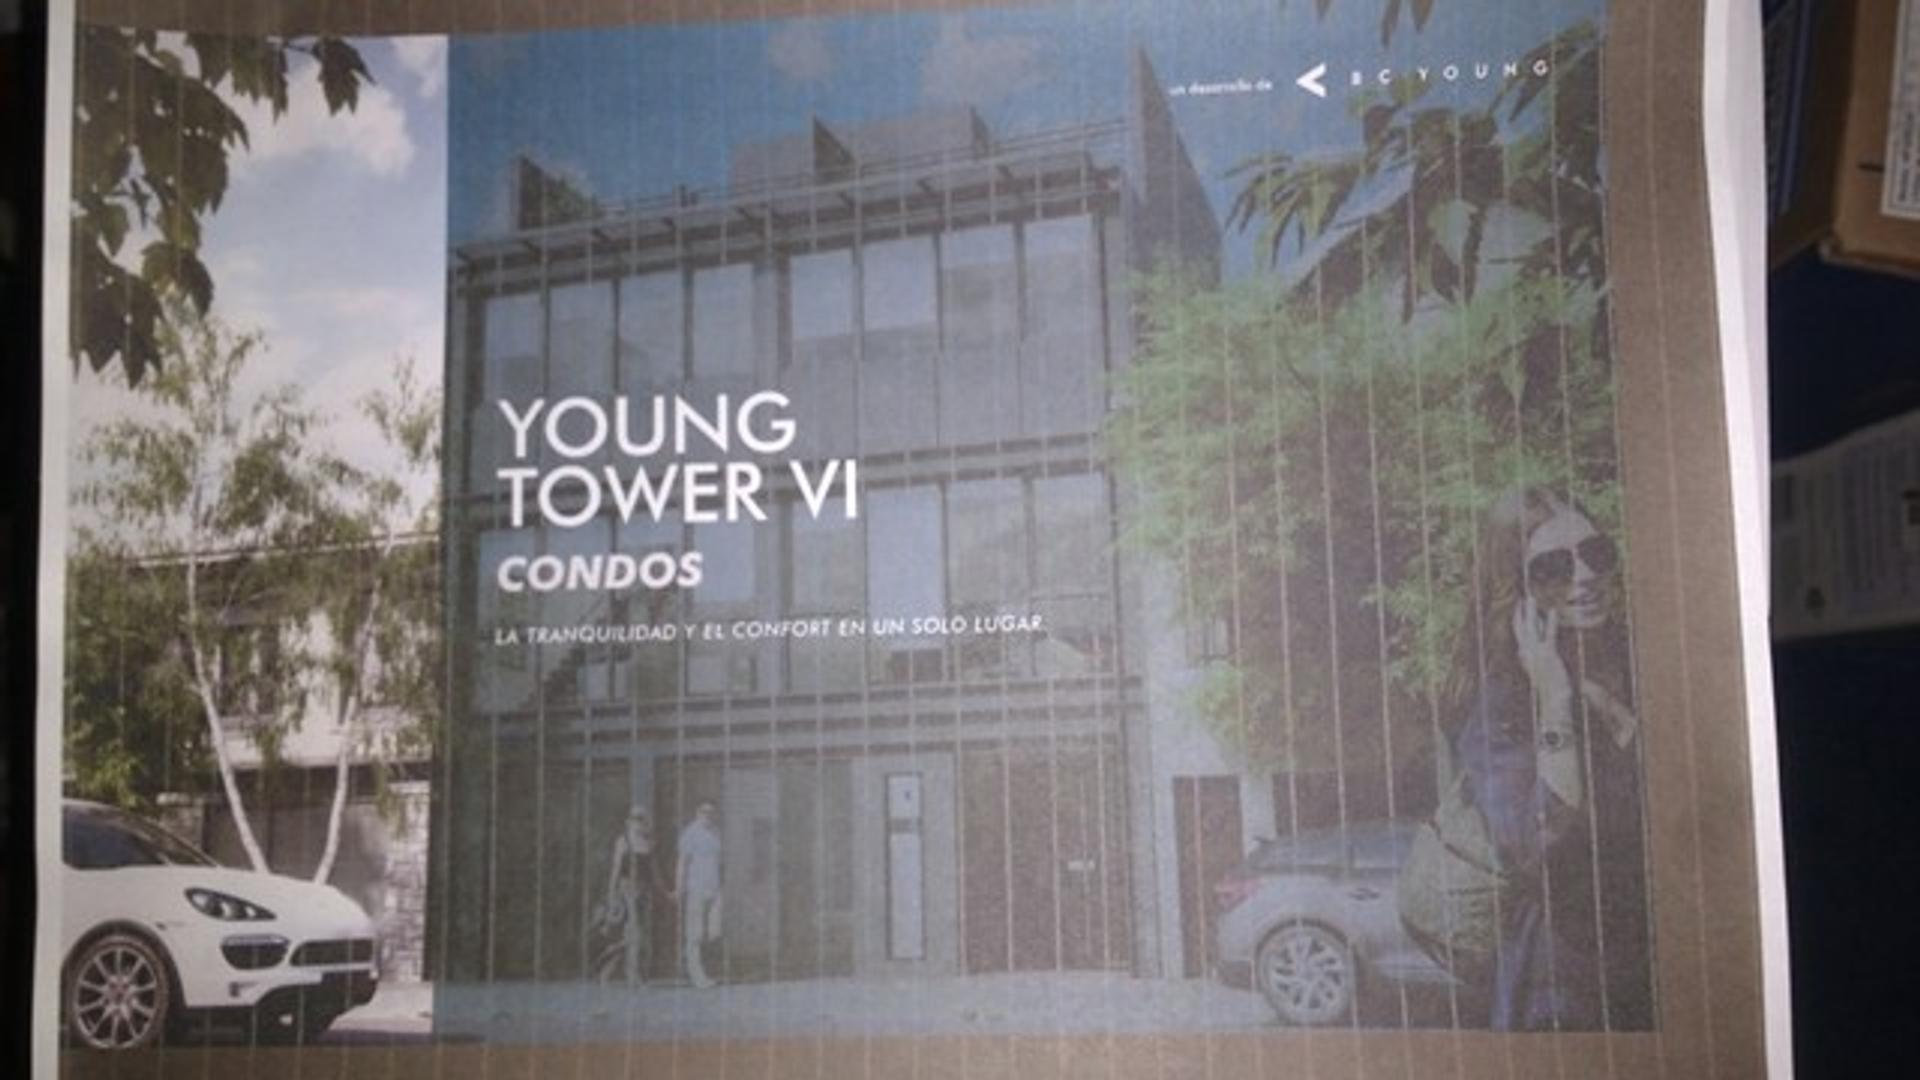 Edificio YOUNG TOWER VI Condos unidades a estrenar zona Vieja Terminal